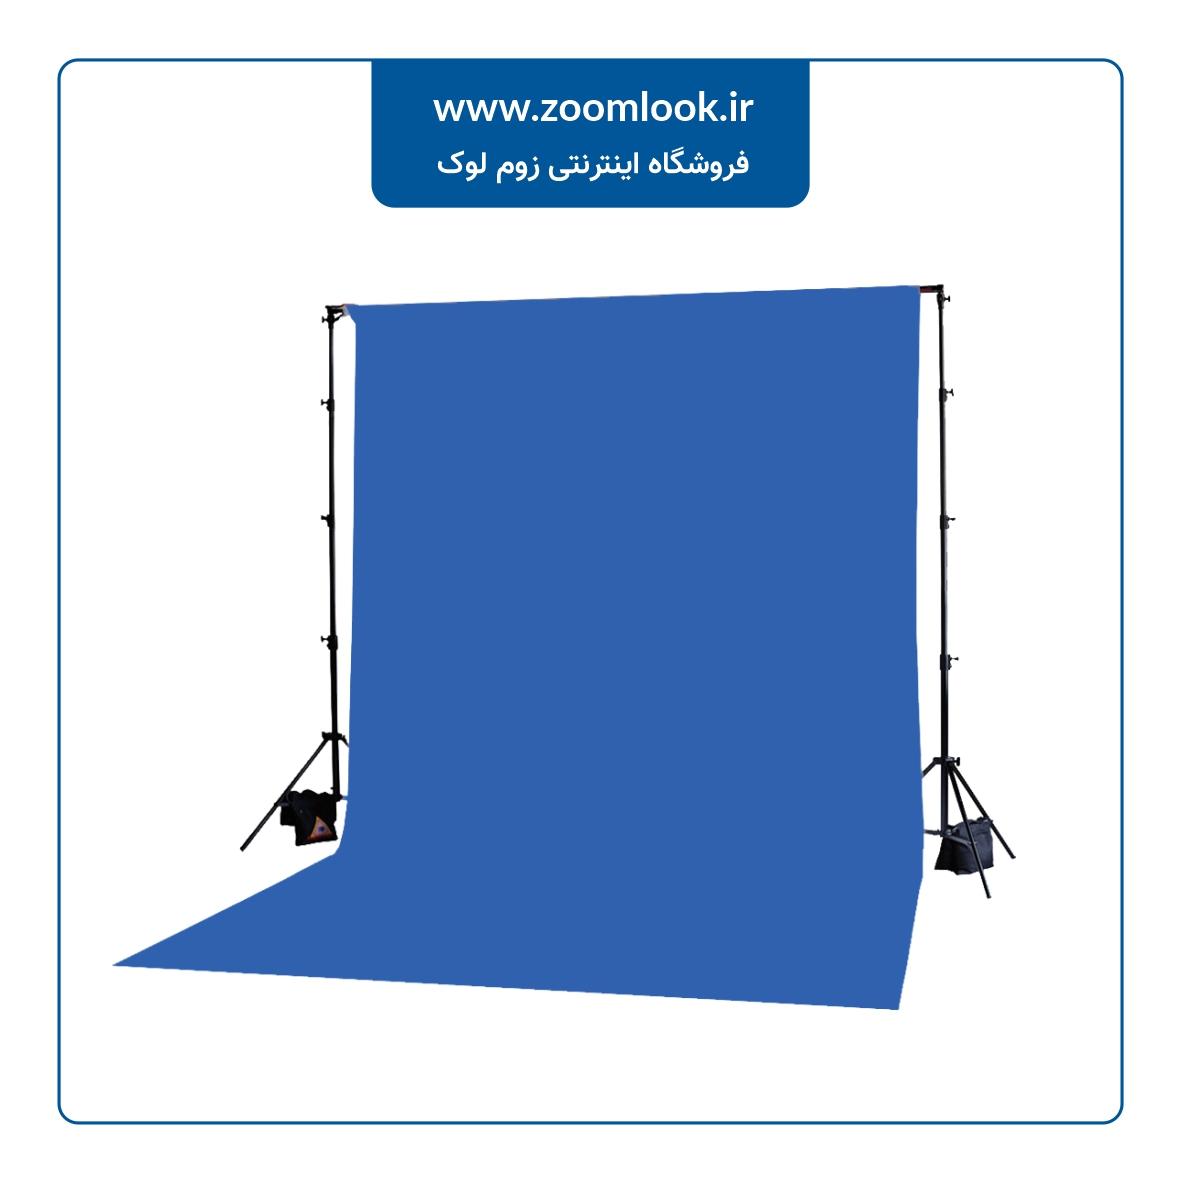 فون مخمل عکاسی آبی کروماکی 5×3